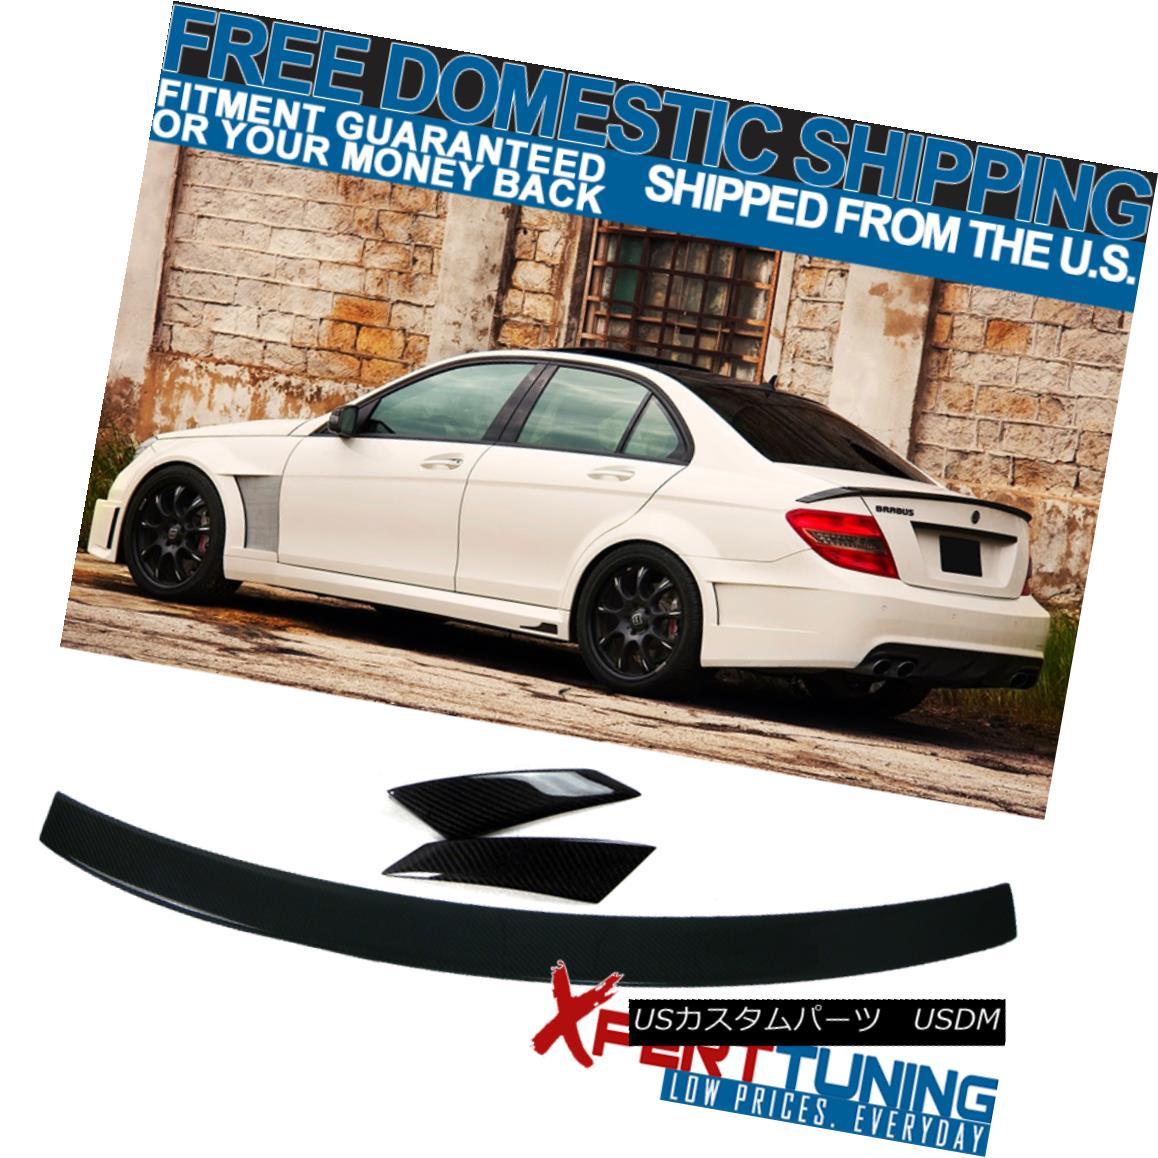 エアロパーツ 08-14 Benz C-Class W204 B Style Trunk Spoiler - Carbon Fiber (CF) 08-14ベンツCクラスW204 Bスタイルトランク・スポイラー - 炭素繊維(CF)